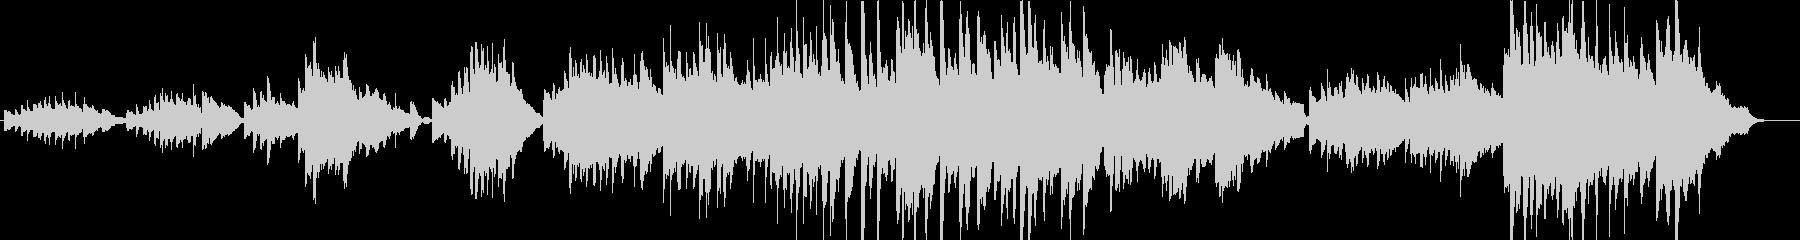 分岐点に立った時のピアノソロの未再生の波形